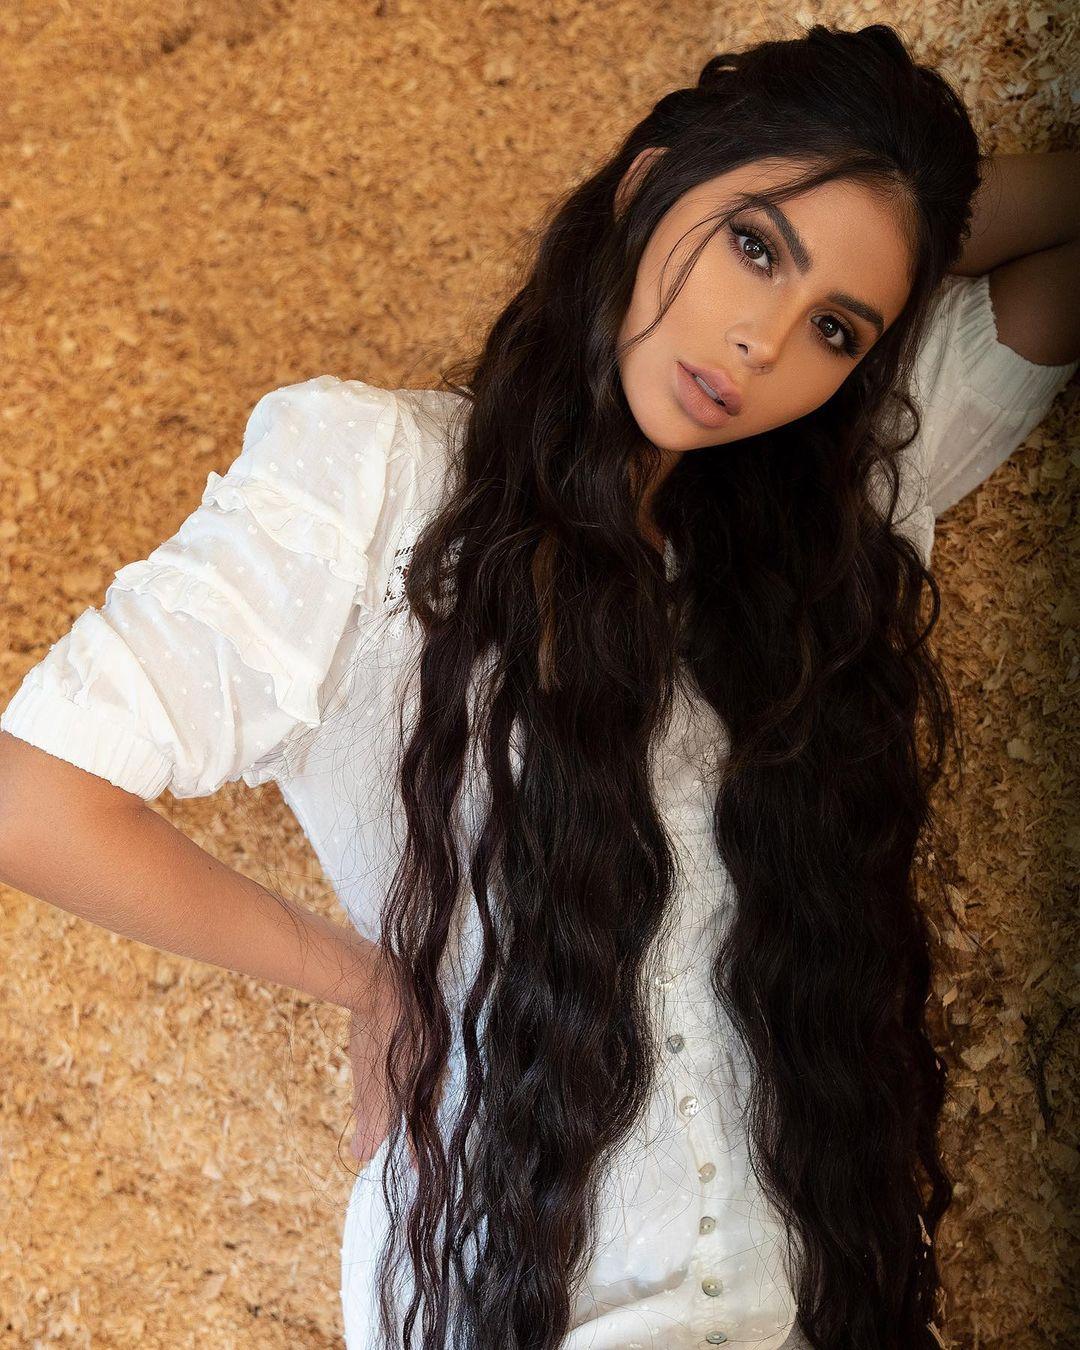 Luisa-Fernanda-Castano-Wallpapers-Insta-Fit-Bio-2